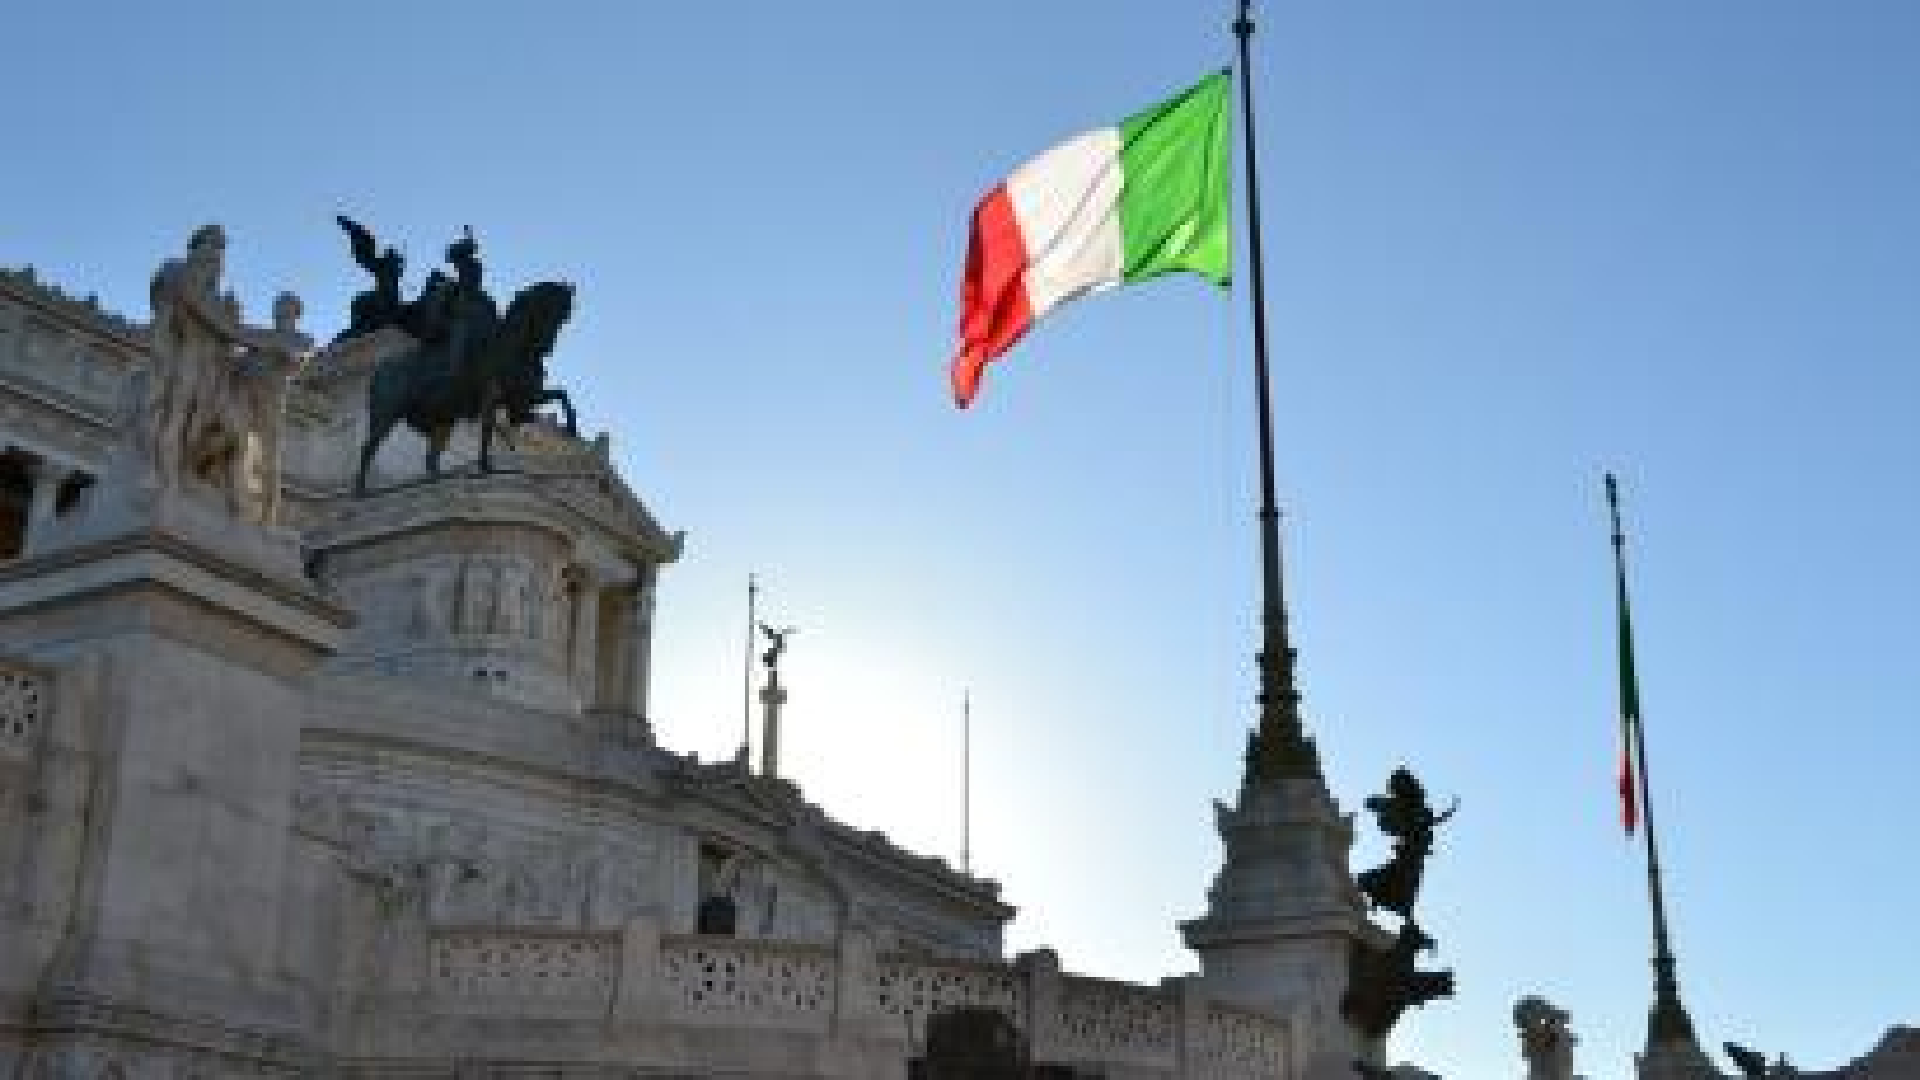 Italy political crisis